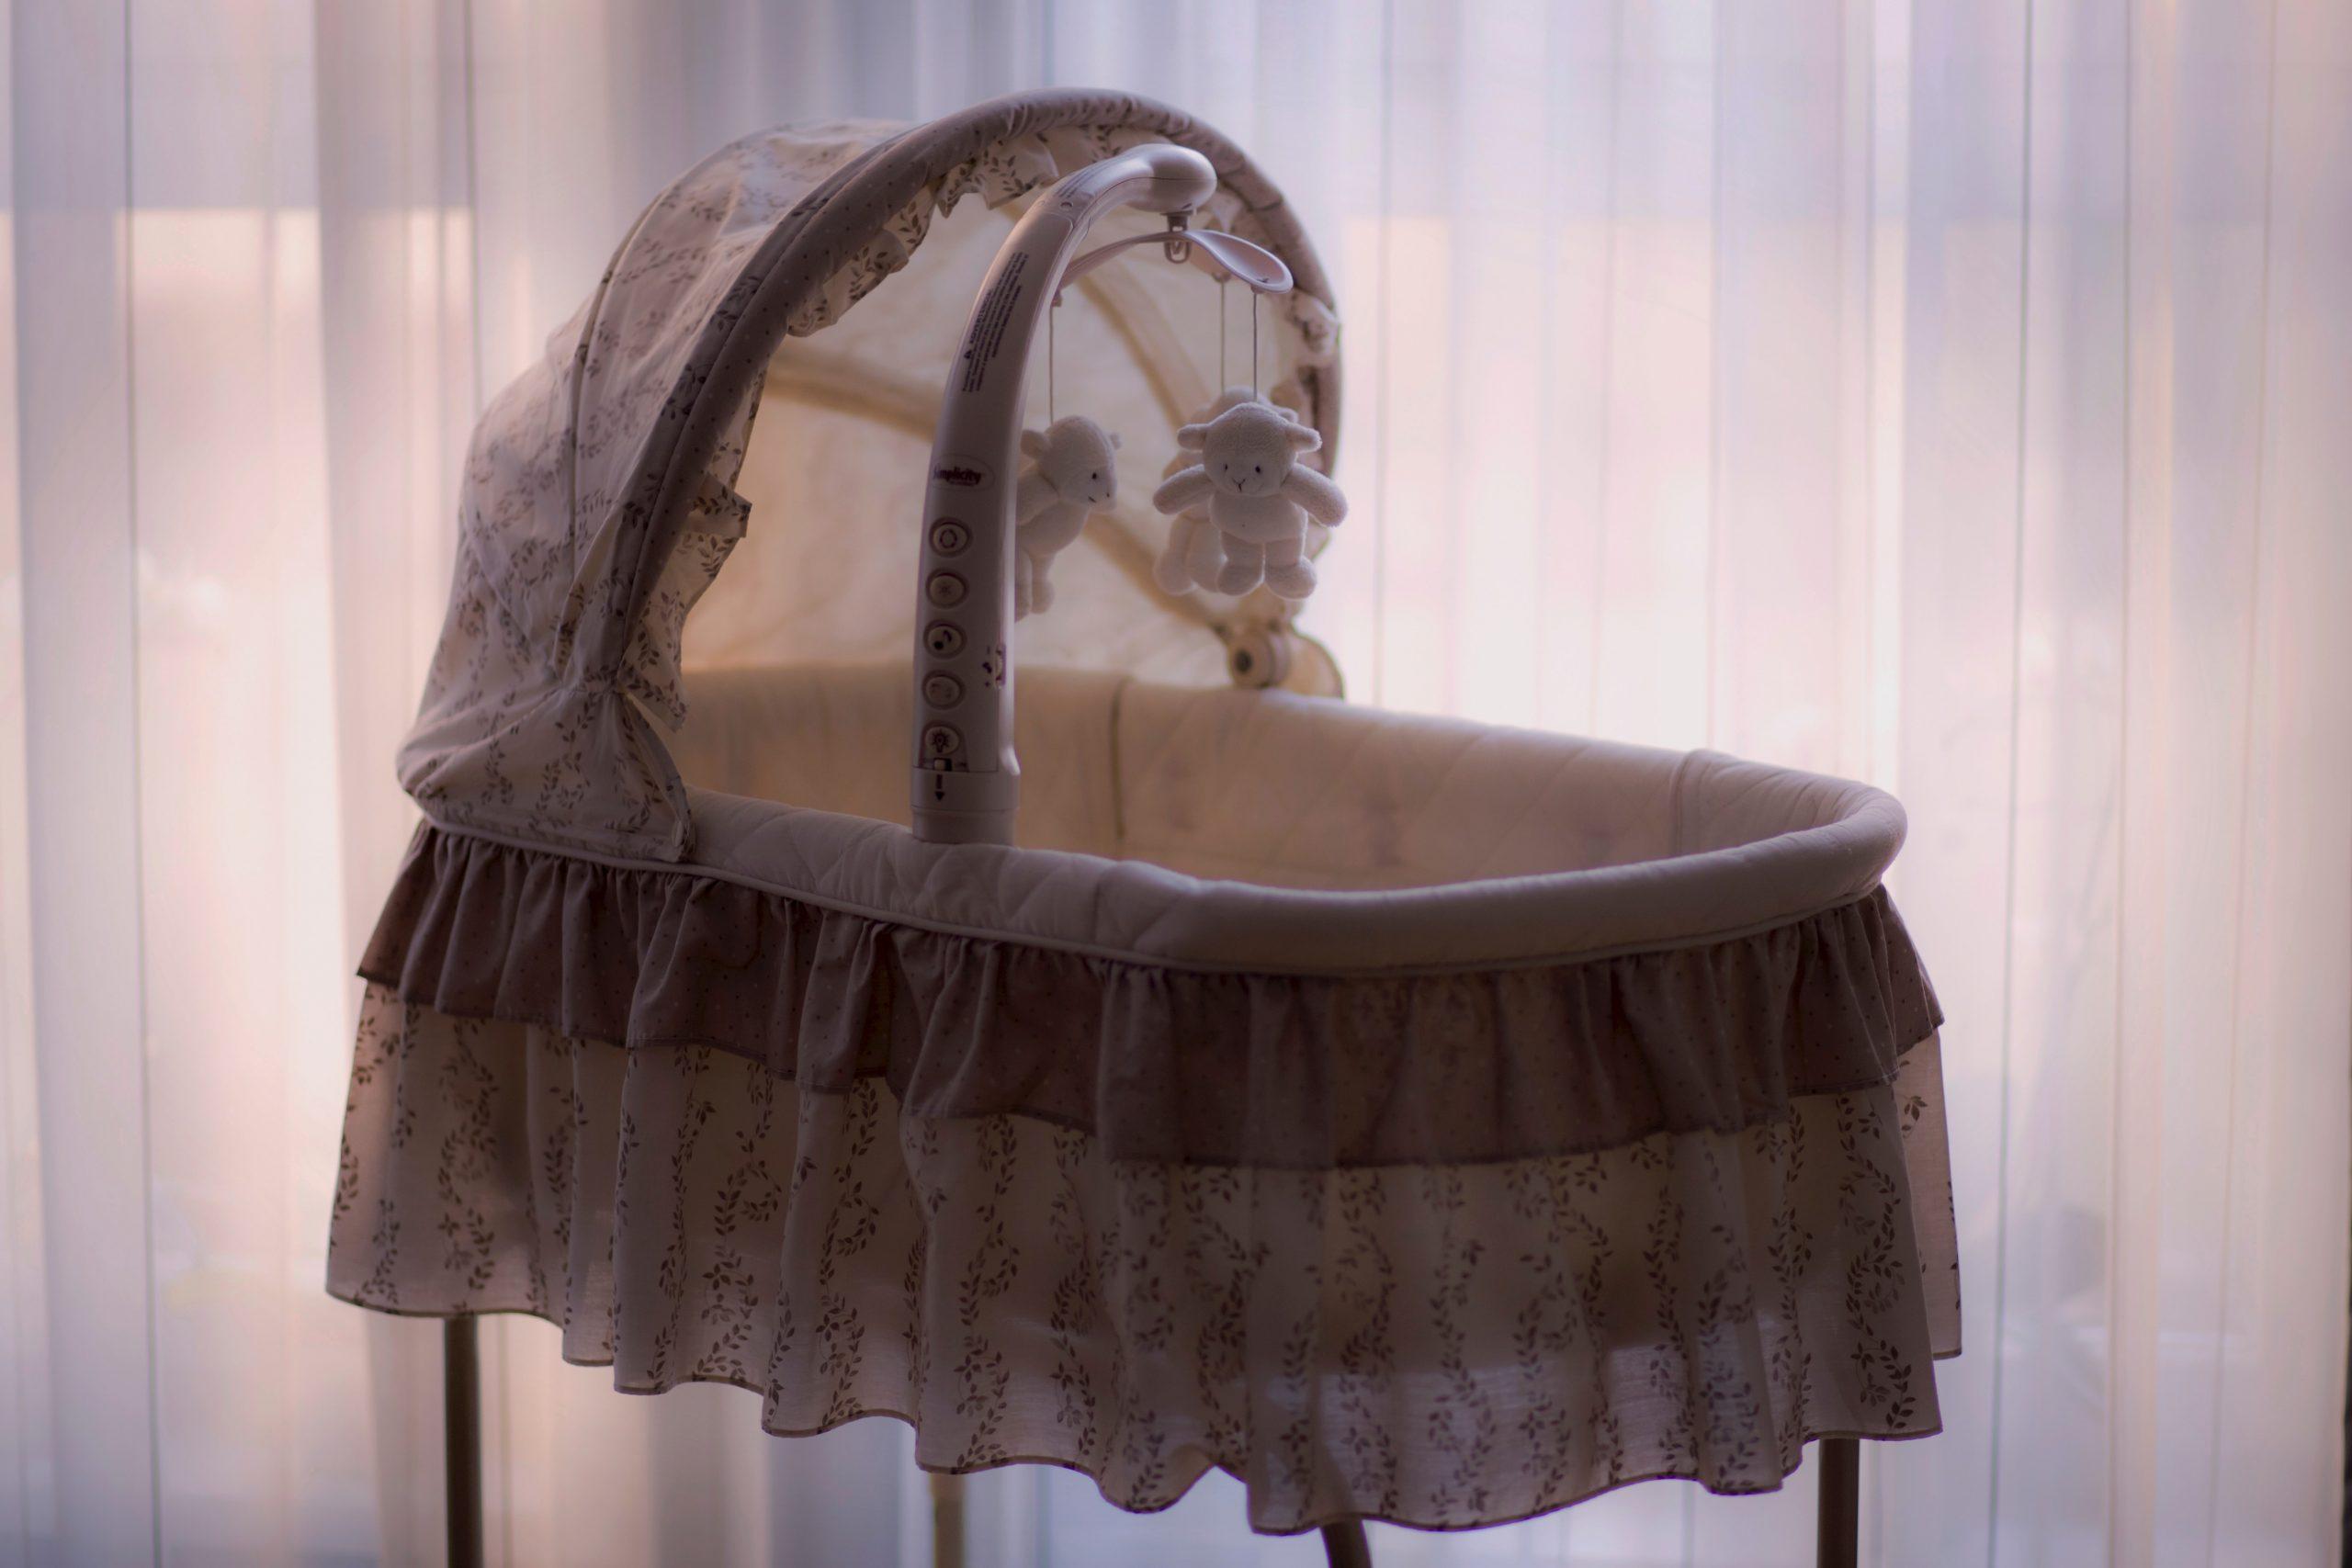 can babies sleep in bassinet